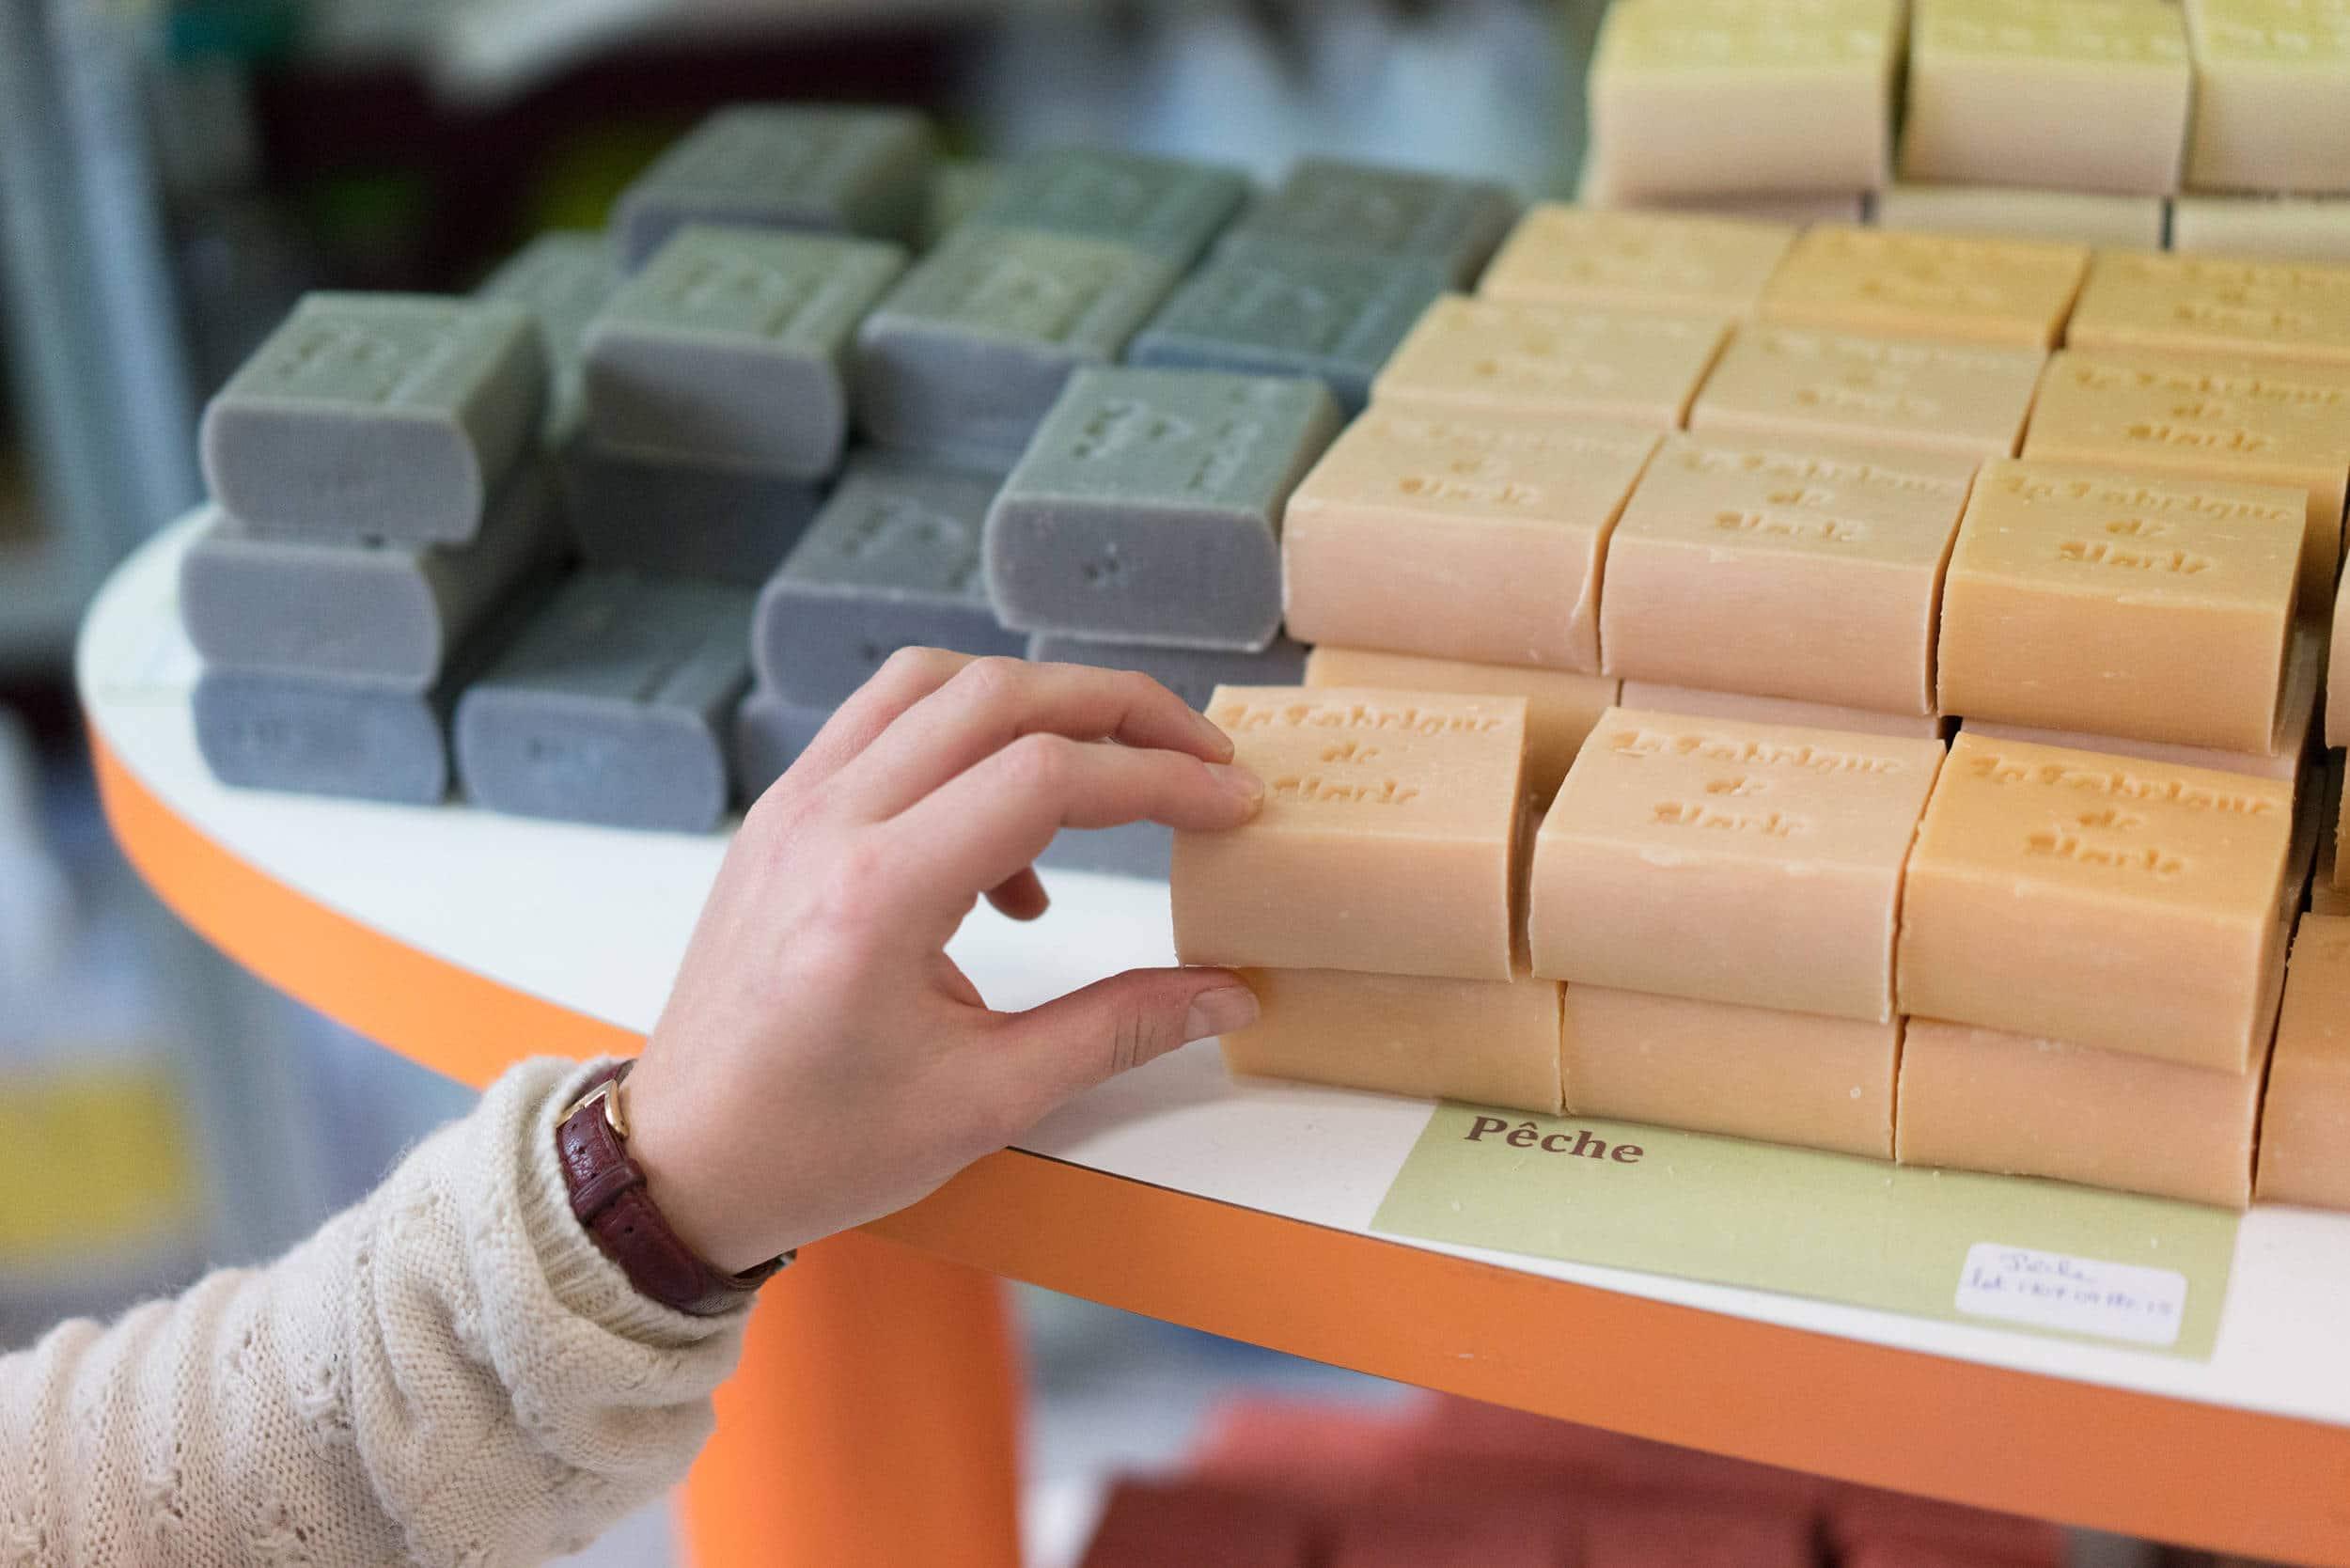 Deux piles de savons rectangulaires respectivement de couleur gris foncé et orange pastel sont posés sur une étagère. Une main se saisit de l'un d'eux.